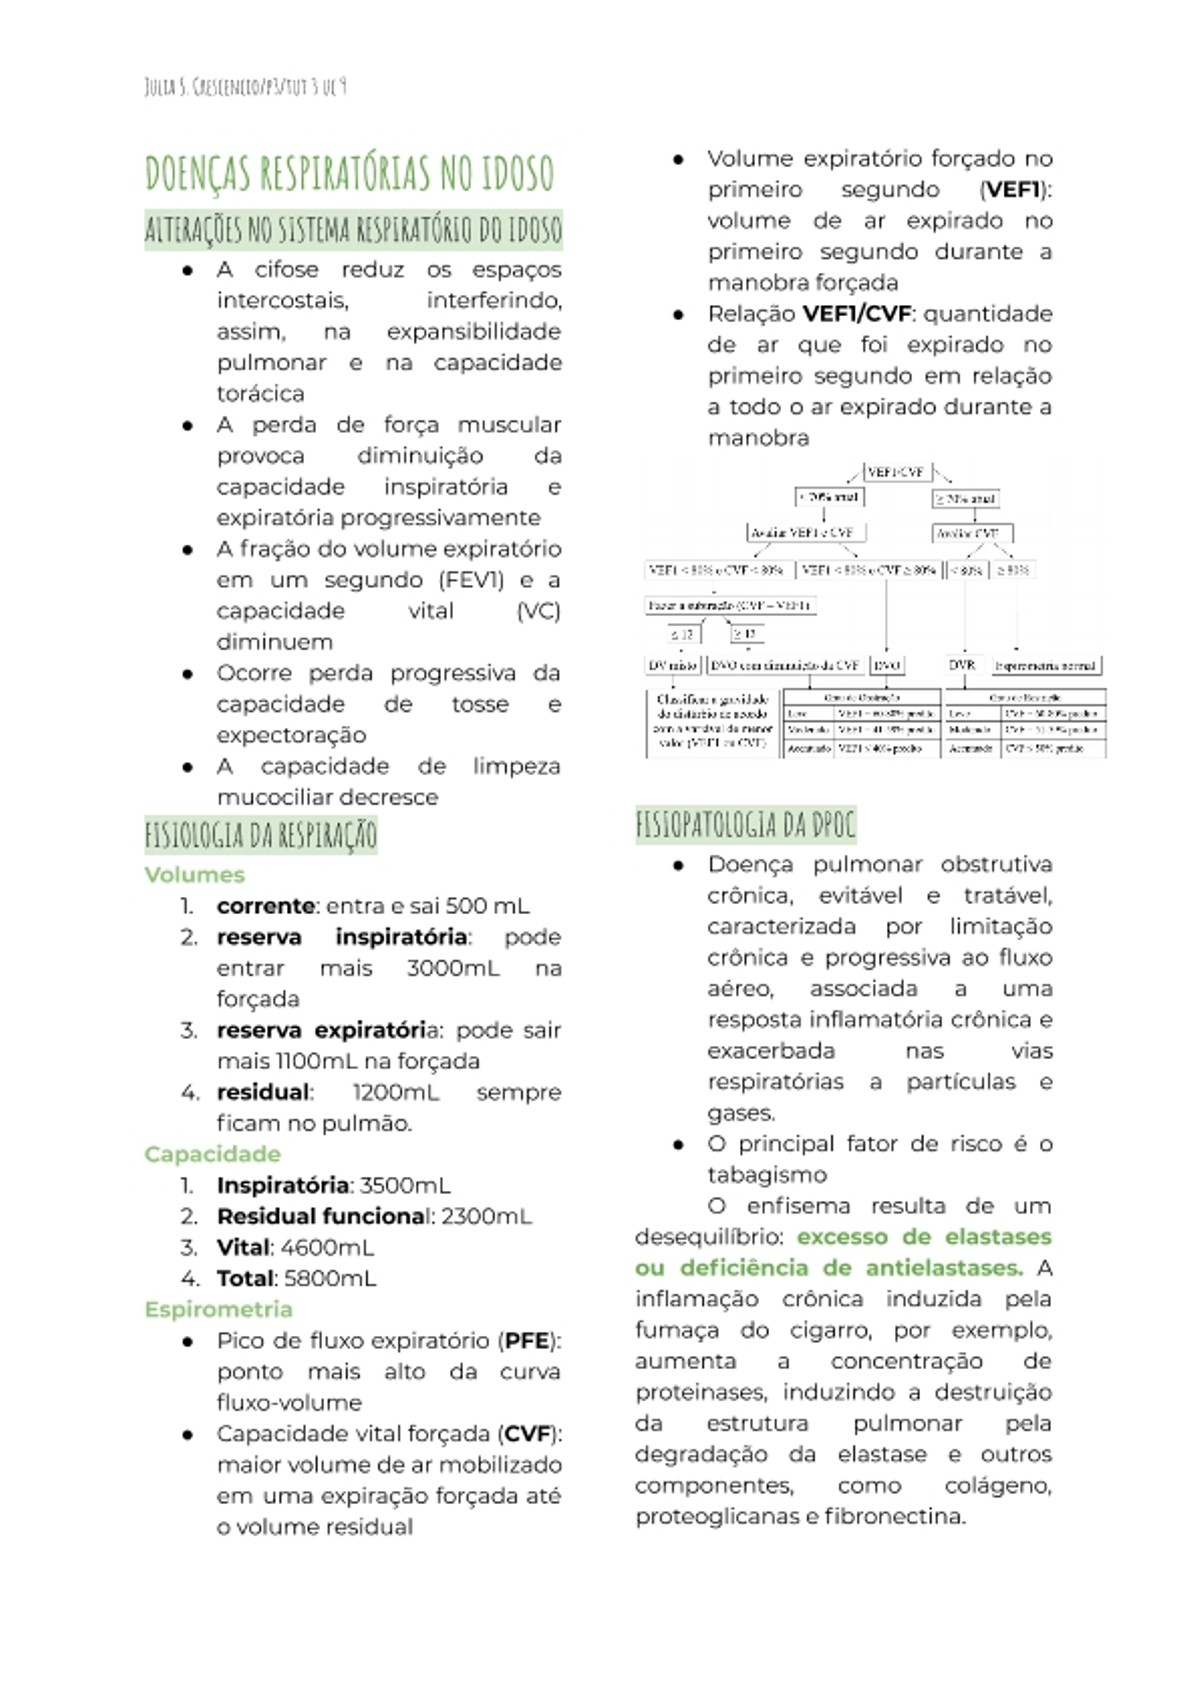 Pre-visualização do material Doenças respiratórias no idoso e critérios de intubação e traqueostomia - página 1